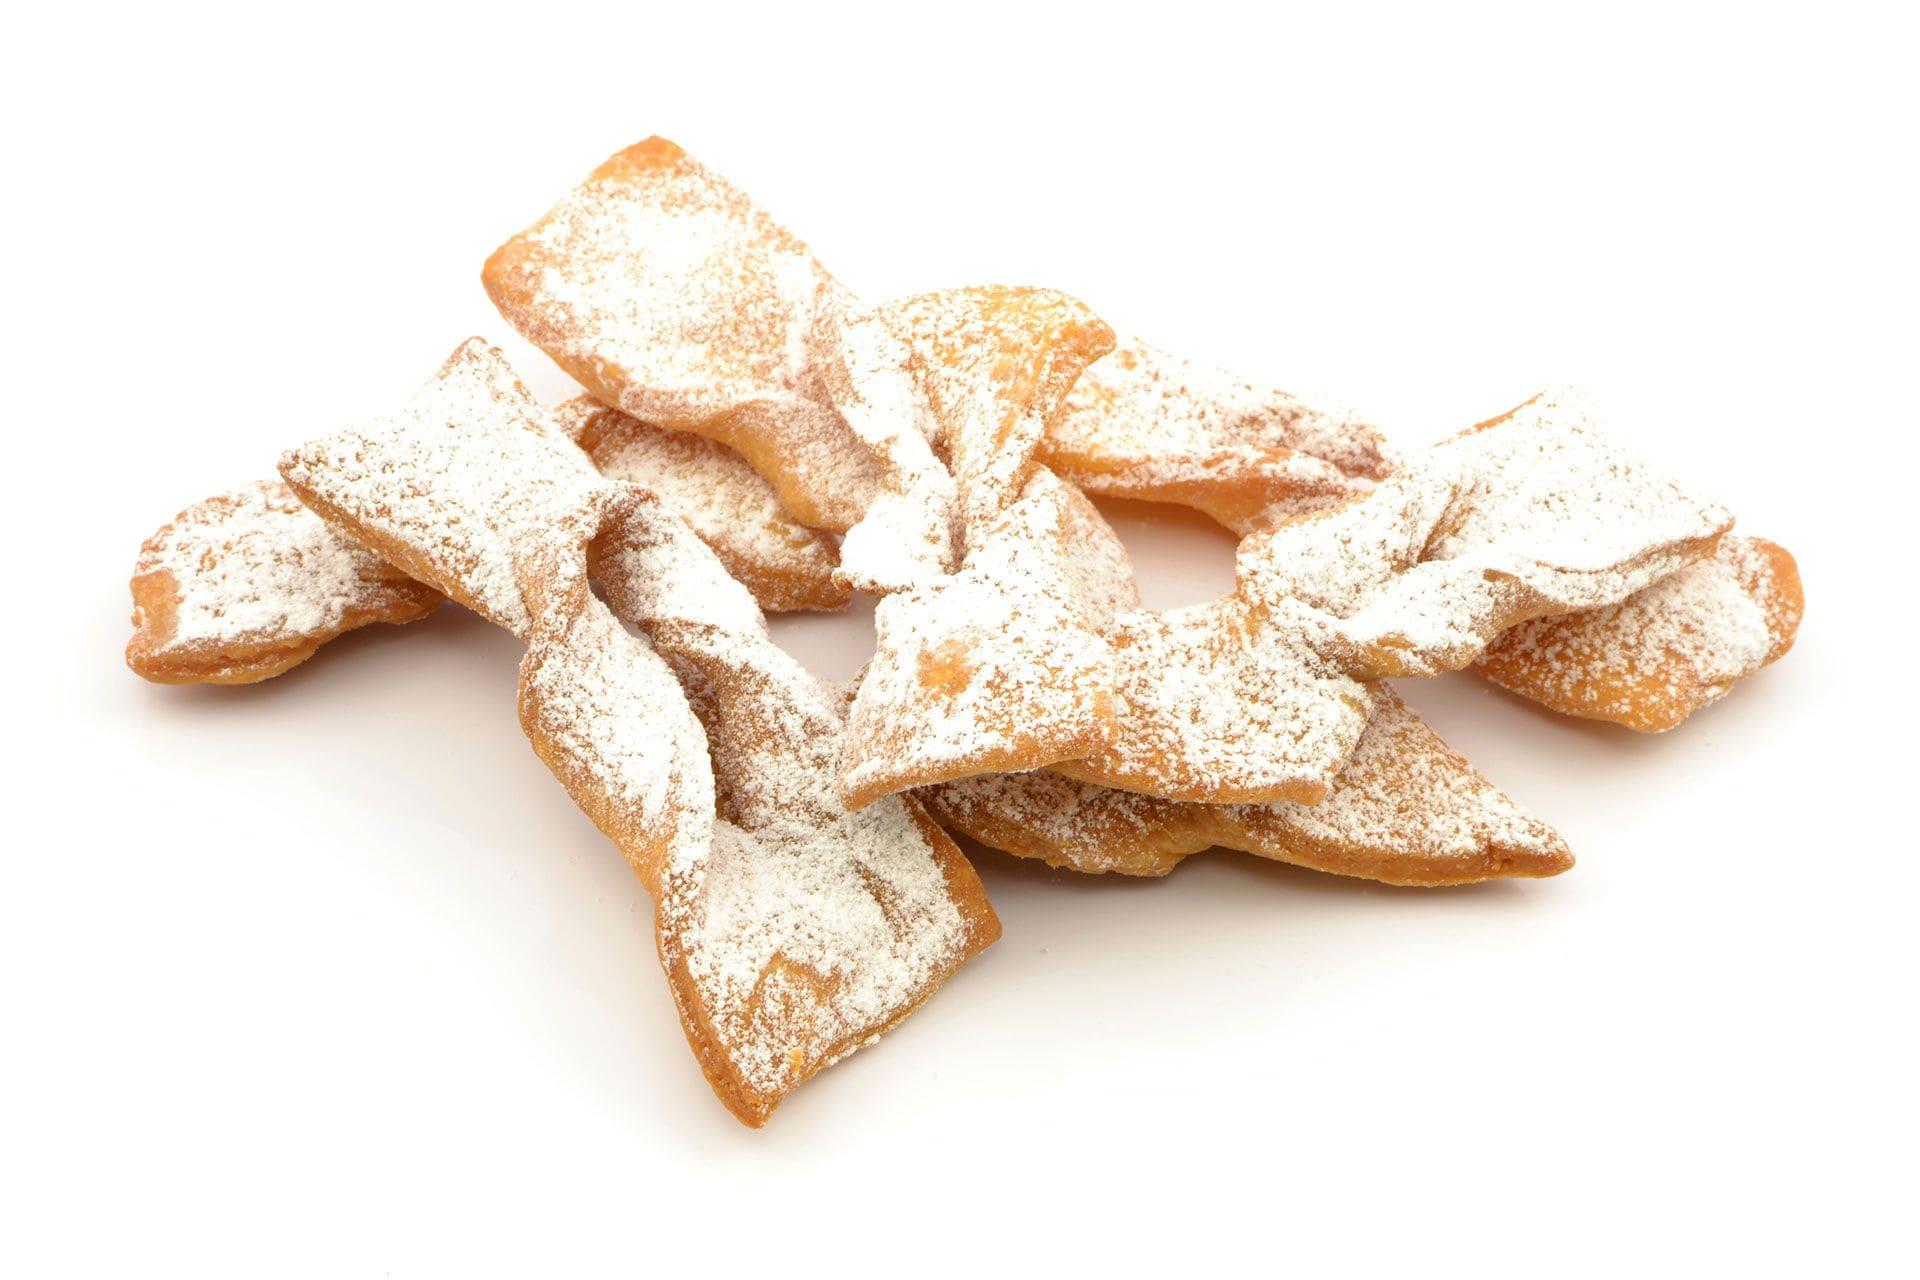 Dania z cukrem pudrem